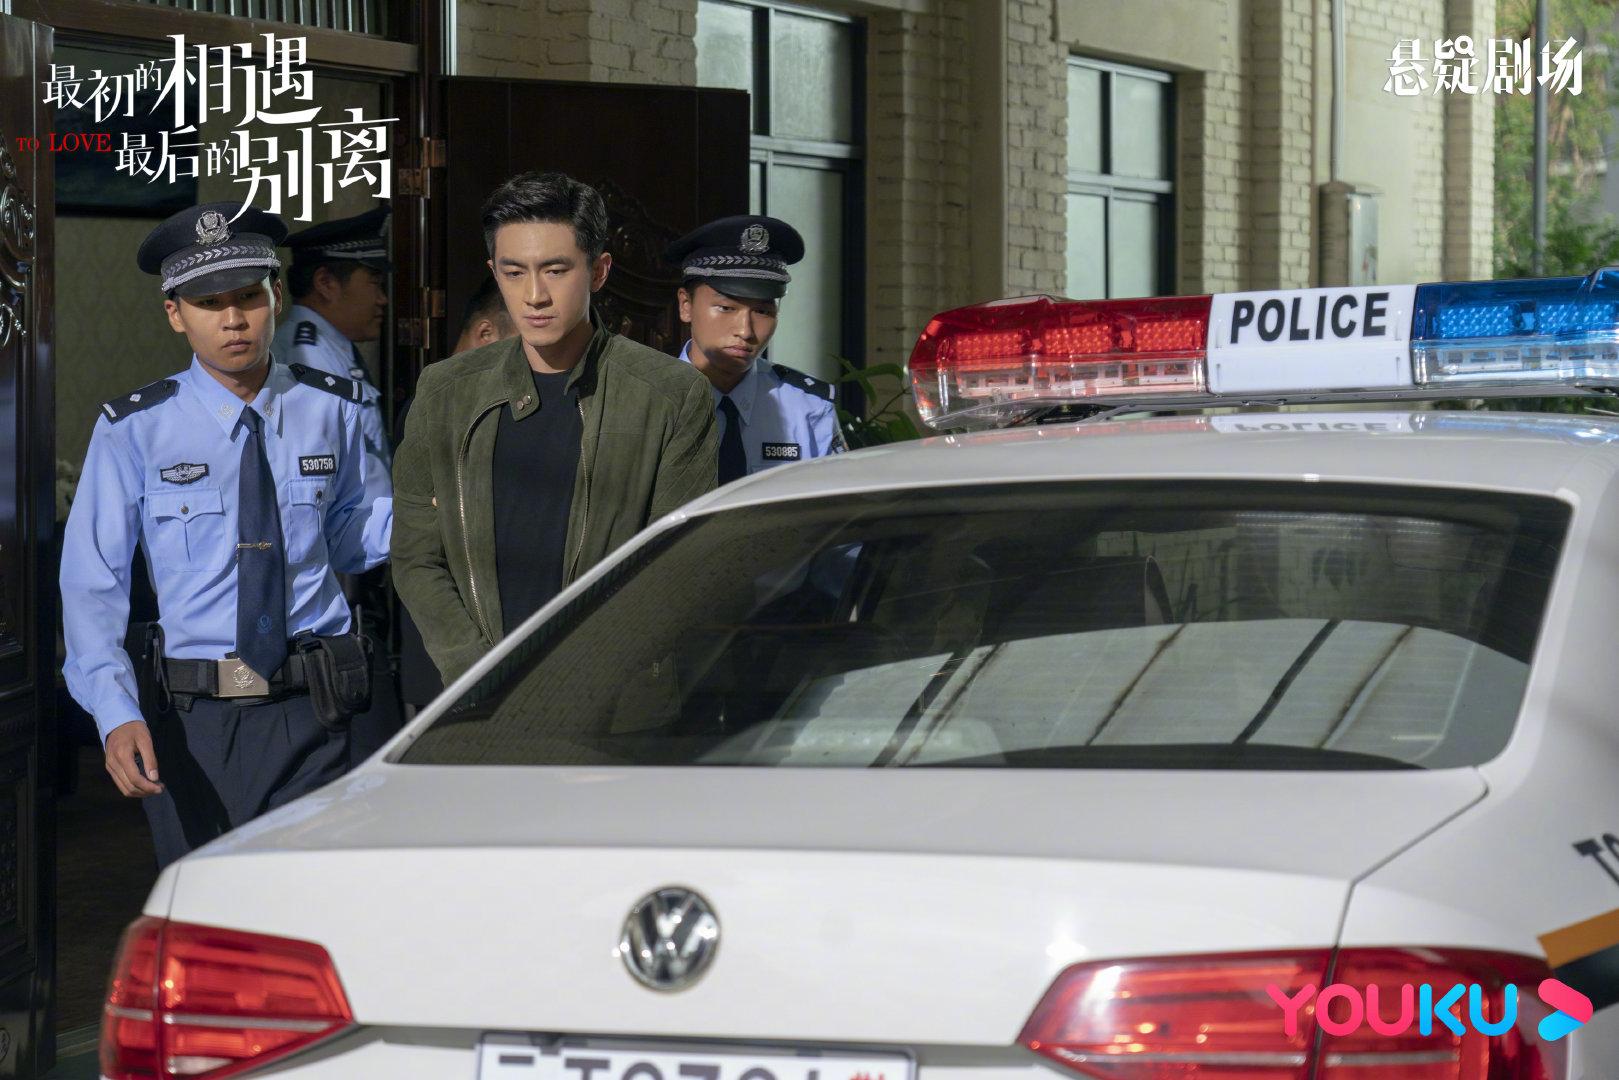 今日份精彩剧照来袭!严谨@林更新 小美人@秦海璐 被抓捕入狱